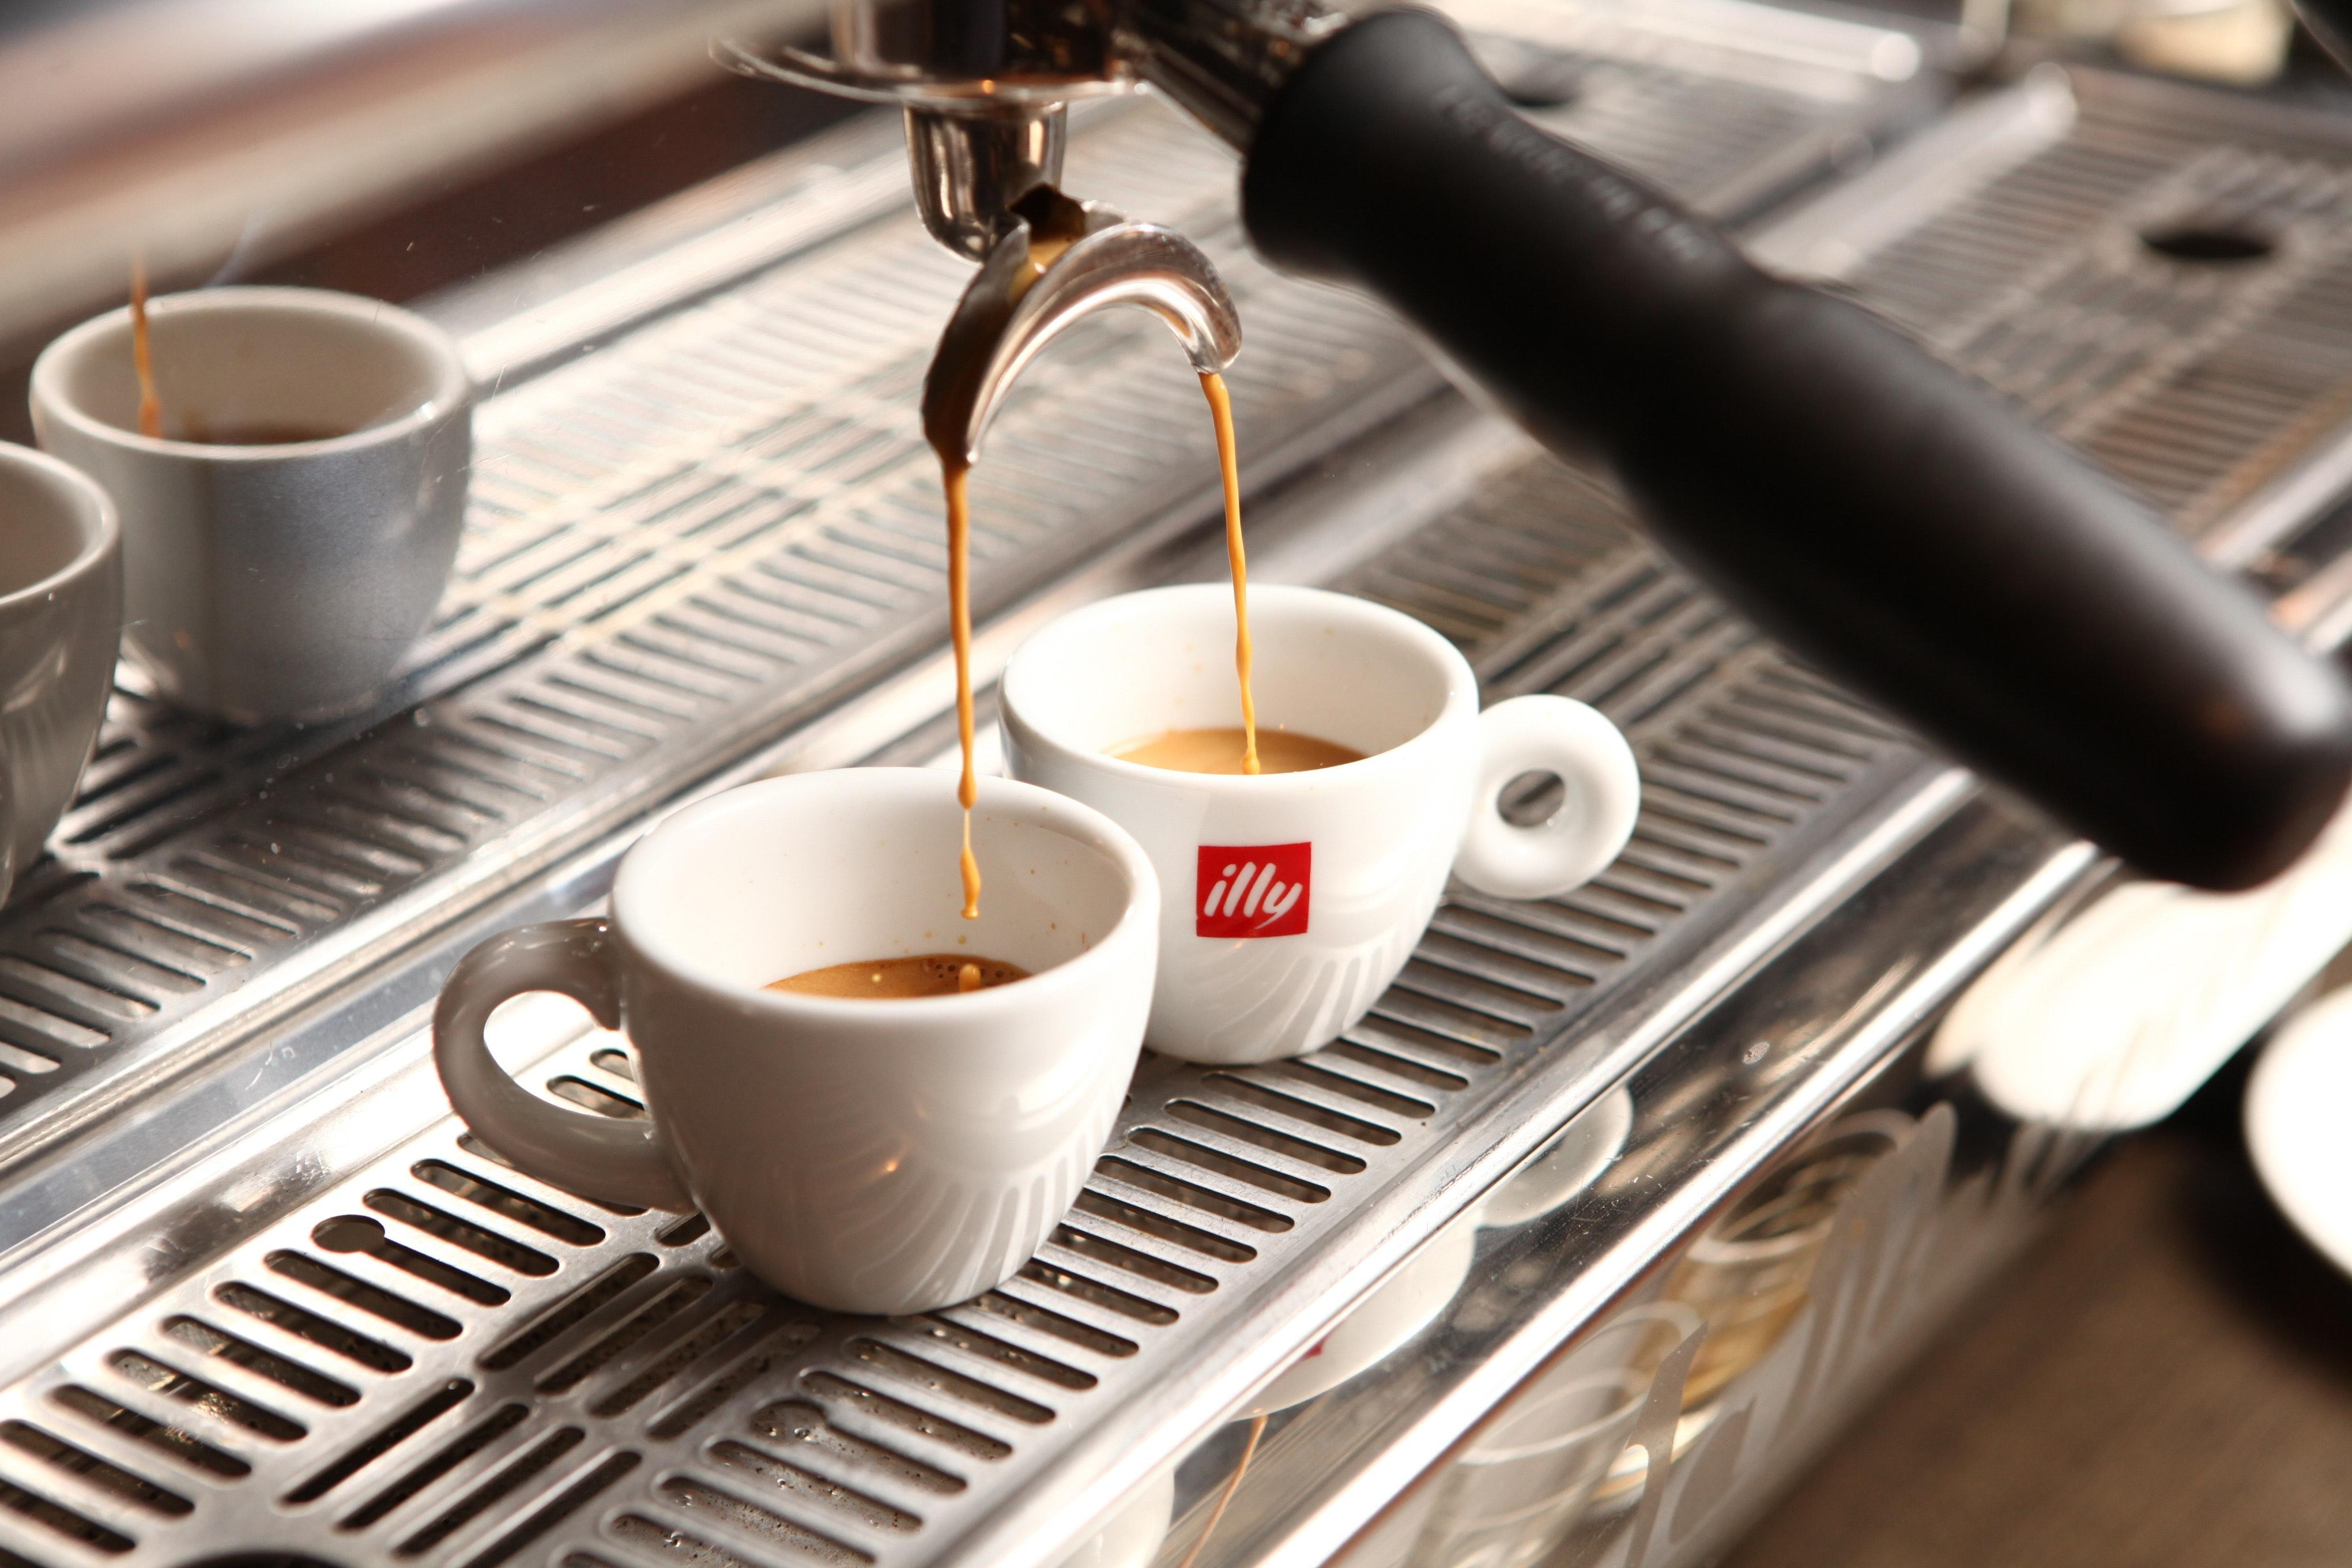 Кофе Illy - история создания кофейного Хогвартса. Философия бренда, описание, вкус и отзывы экспертов